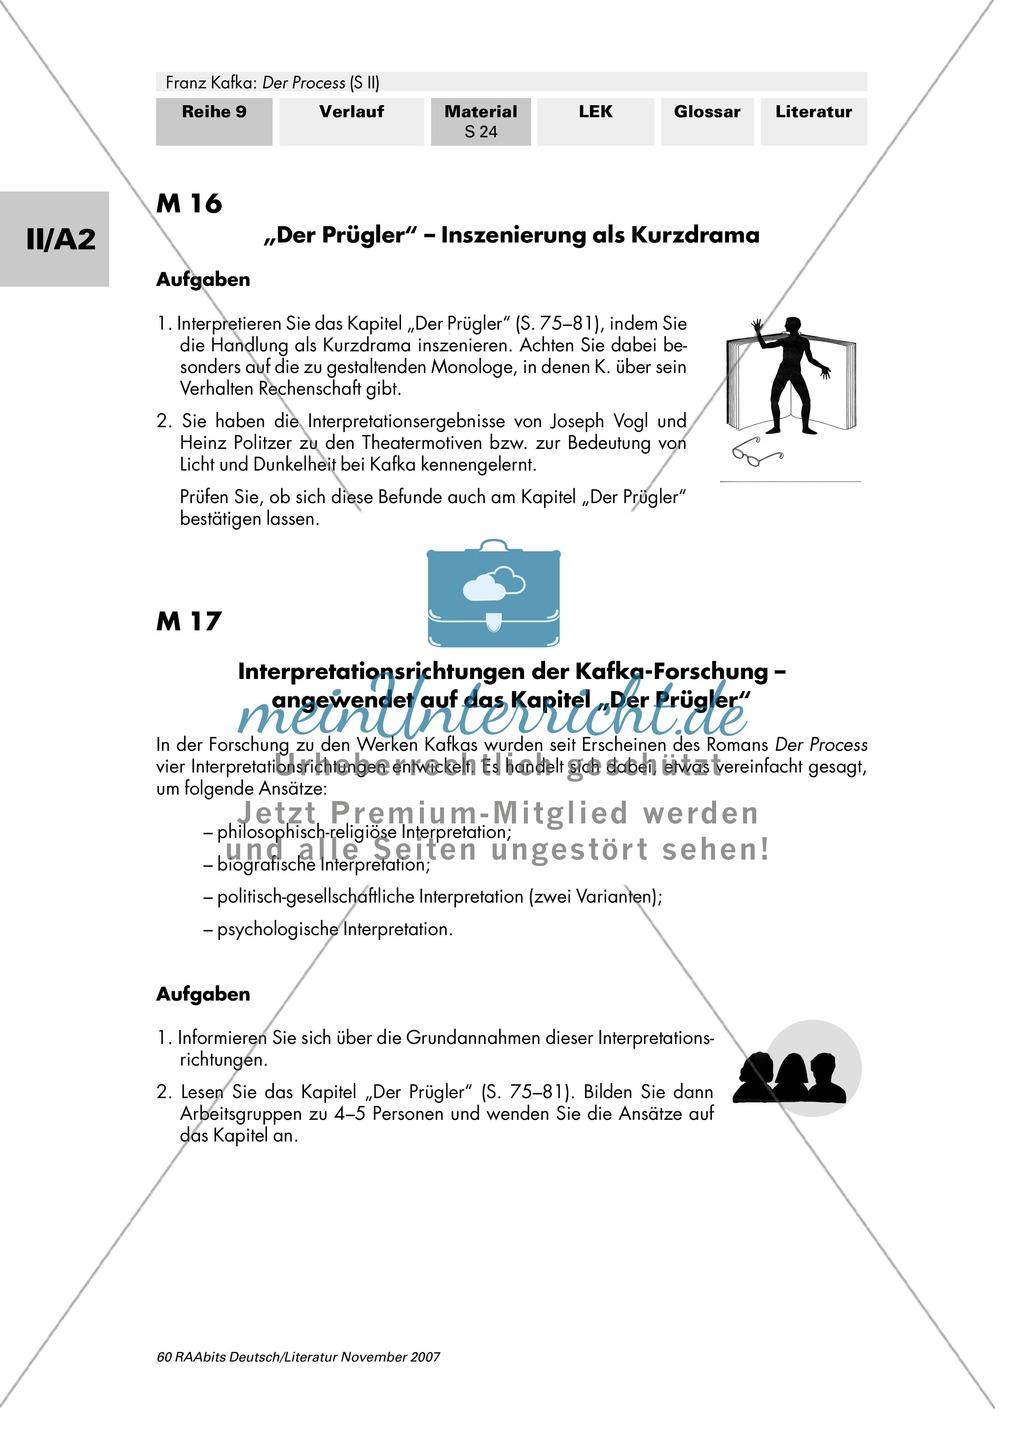 """Franz Kafka """"Der Process"""": Szenische Interpretation des Kapitels """"Der Prügler"""" - Inszenierung als Kurzdrama Preview 1"""